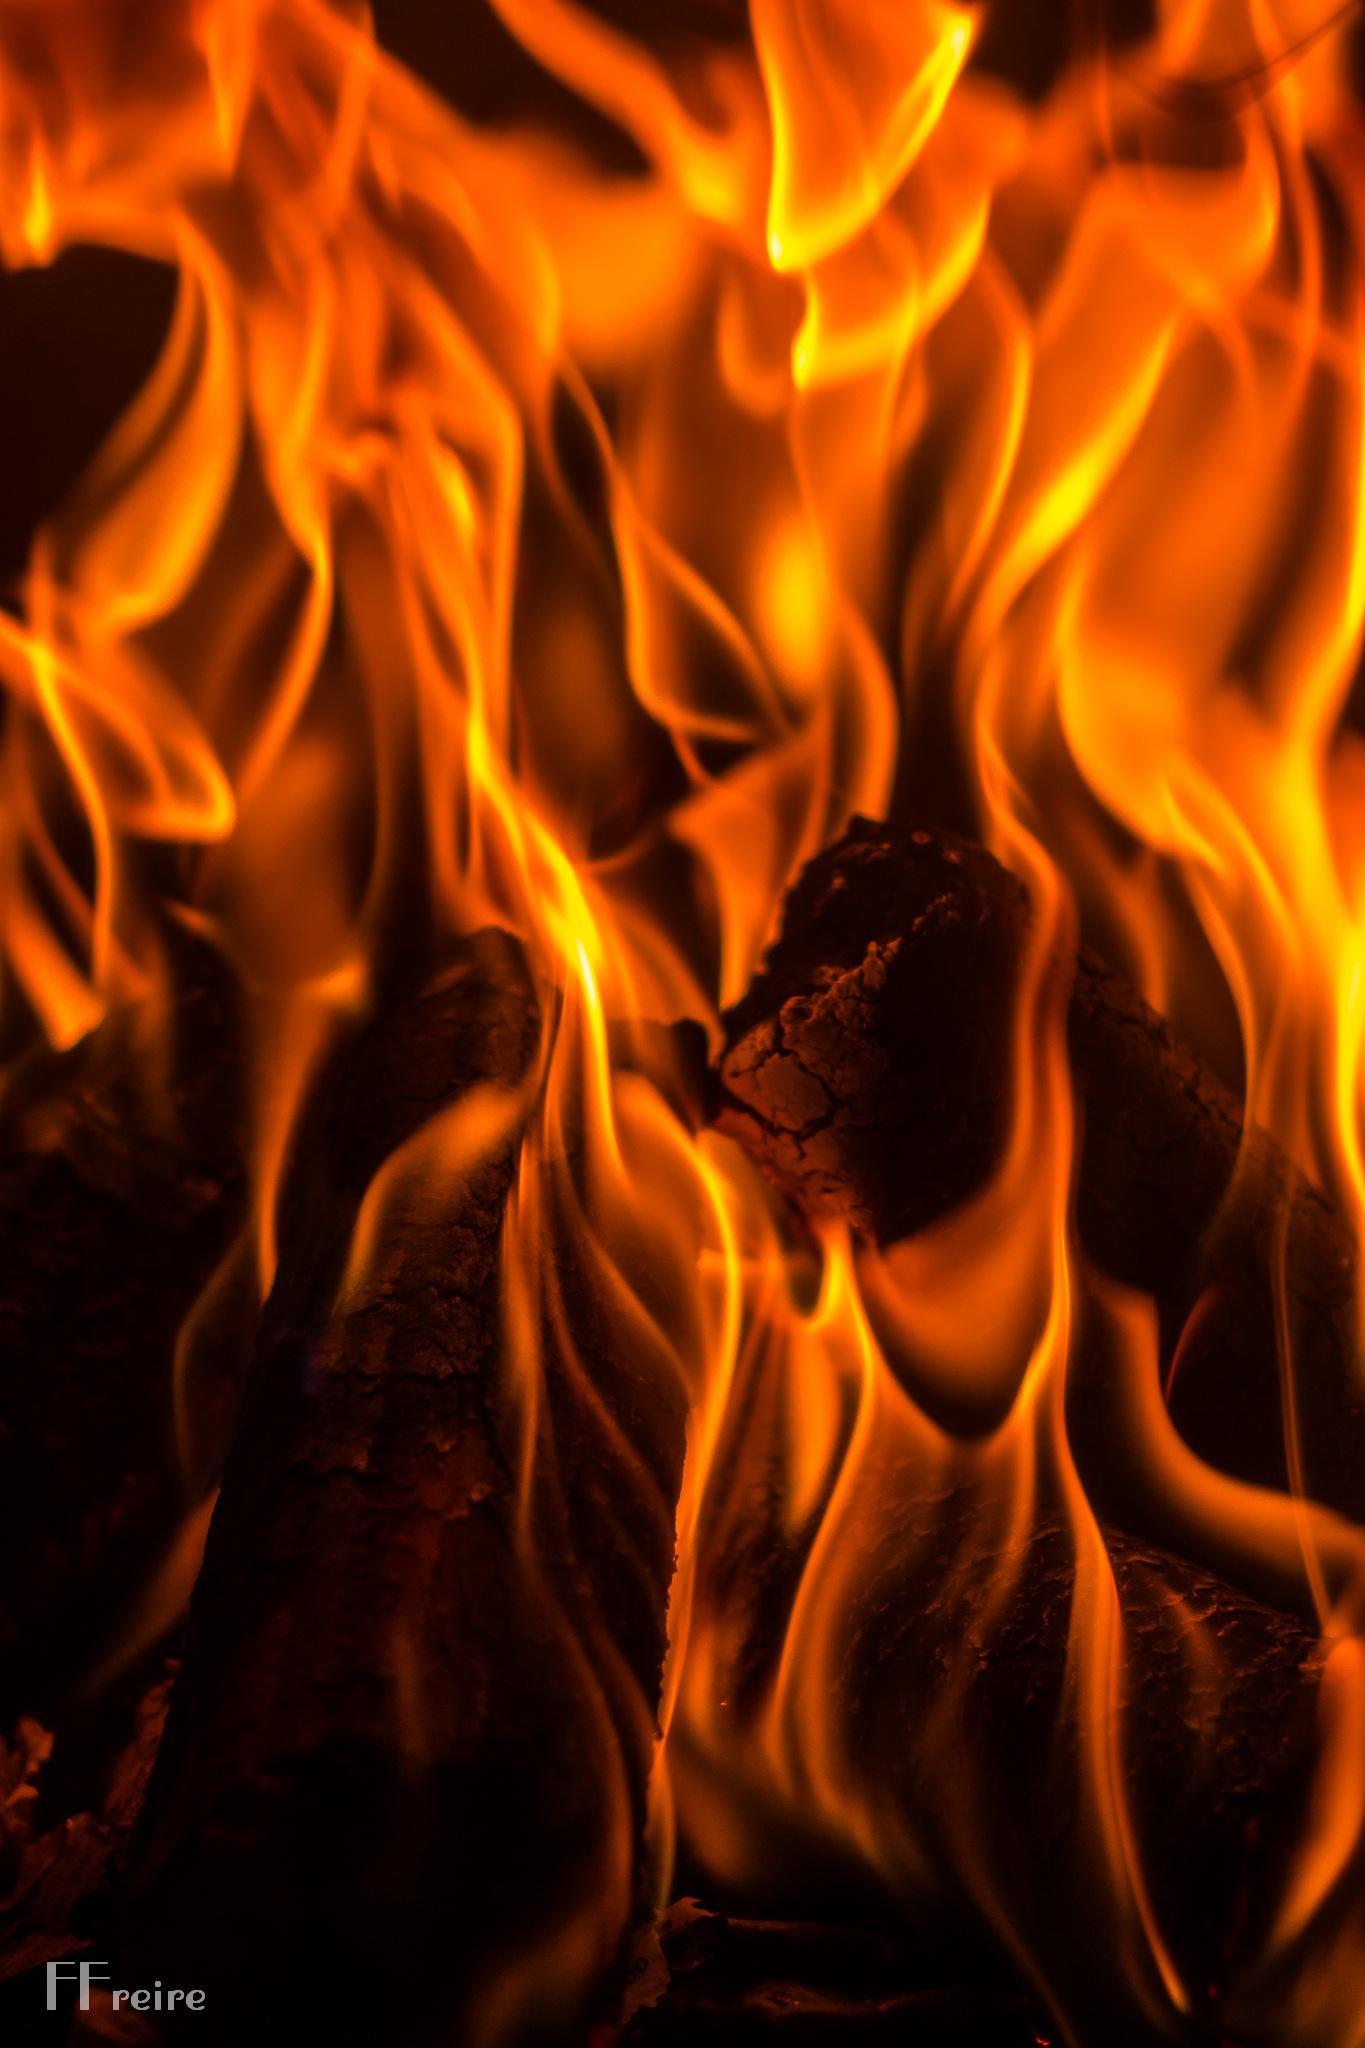 Em chamas!! by Fernando Joaquim Neves Freire